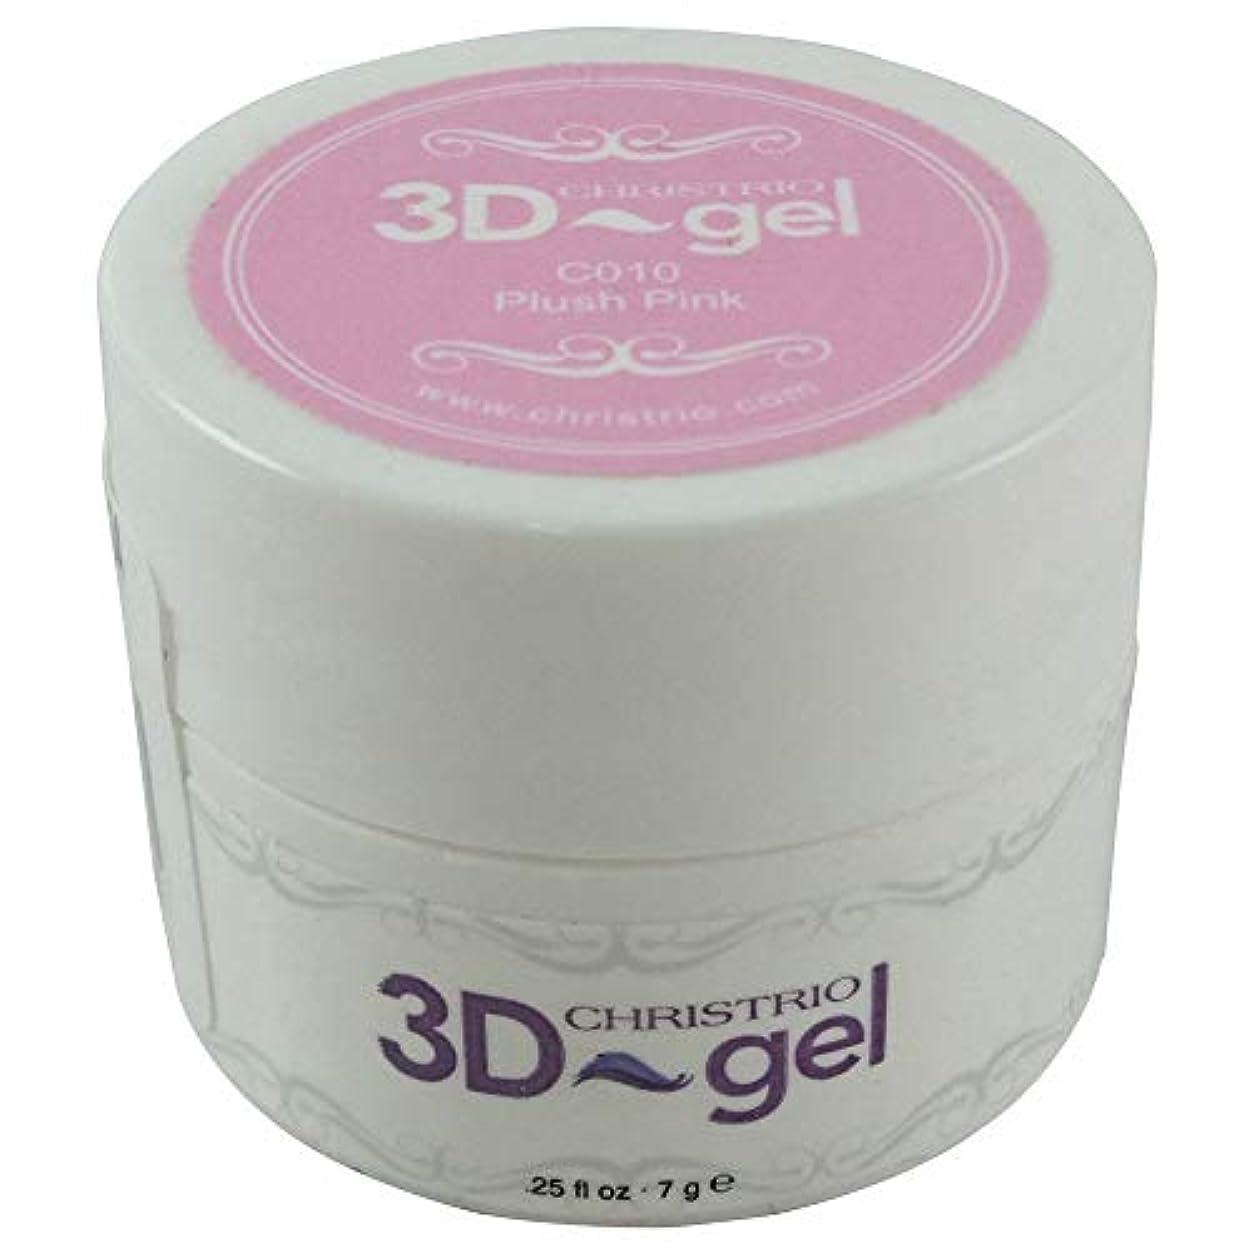 一緒にに対して使役CHRISTRIO 3Dジェル 7g C010 プラッシュピンク